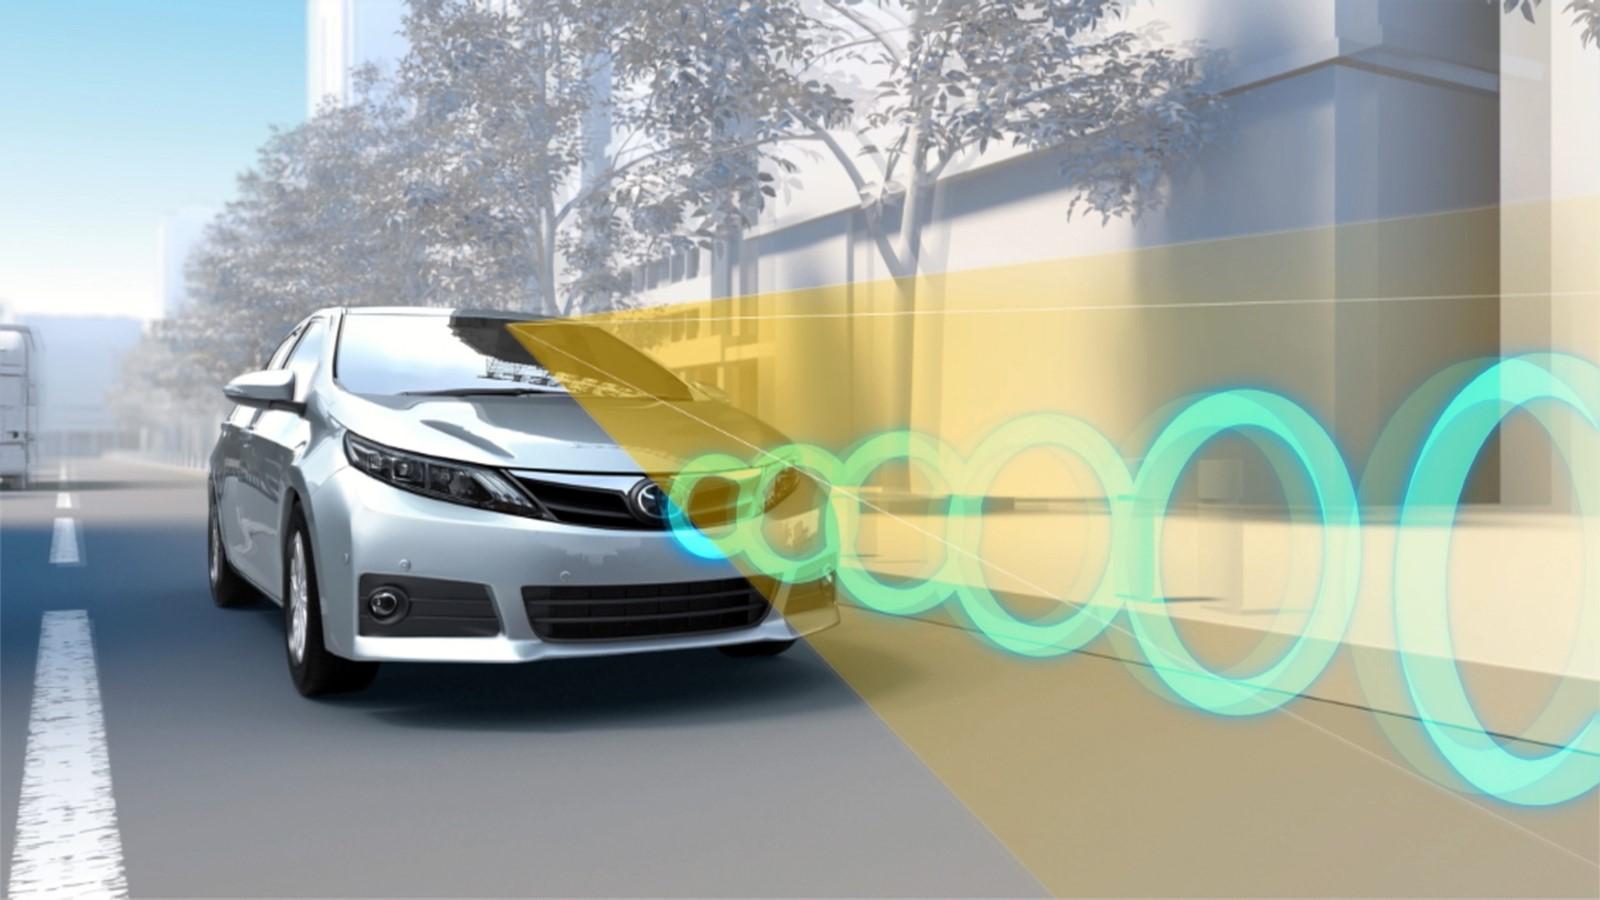 Го имаат десет милиони Toyota возила и драстично го намалува бројот на сообраќајни несреќи / ВИДЕО